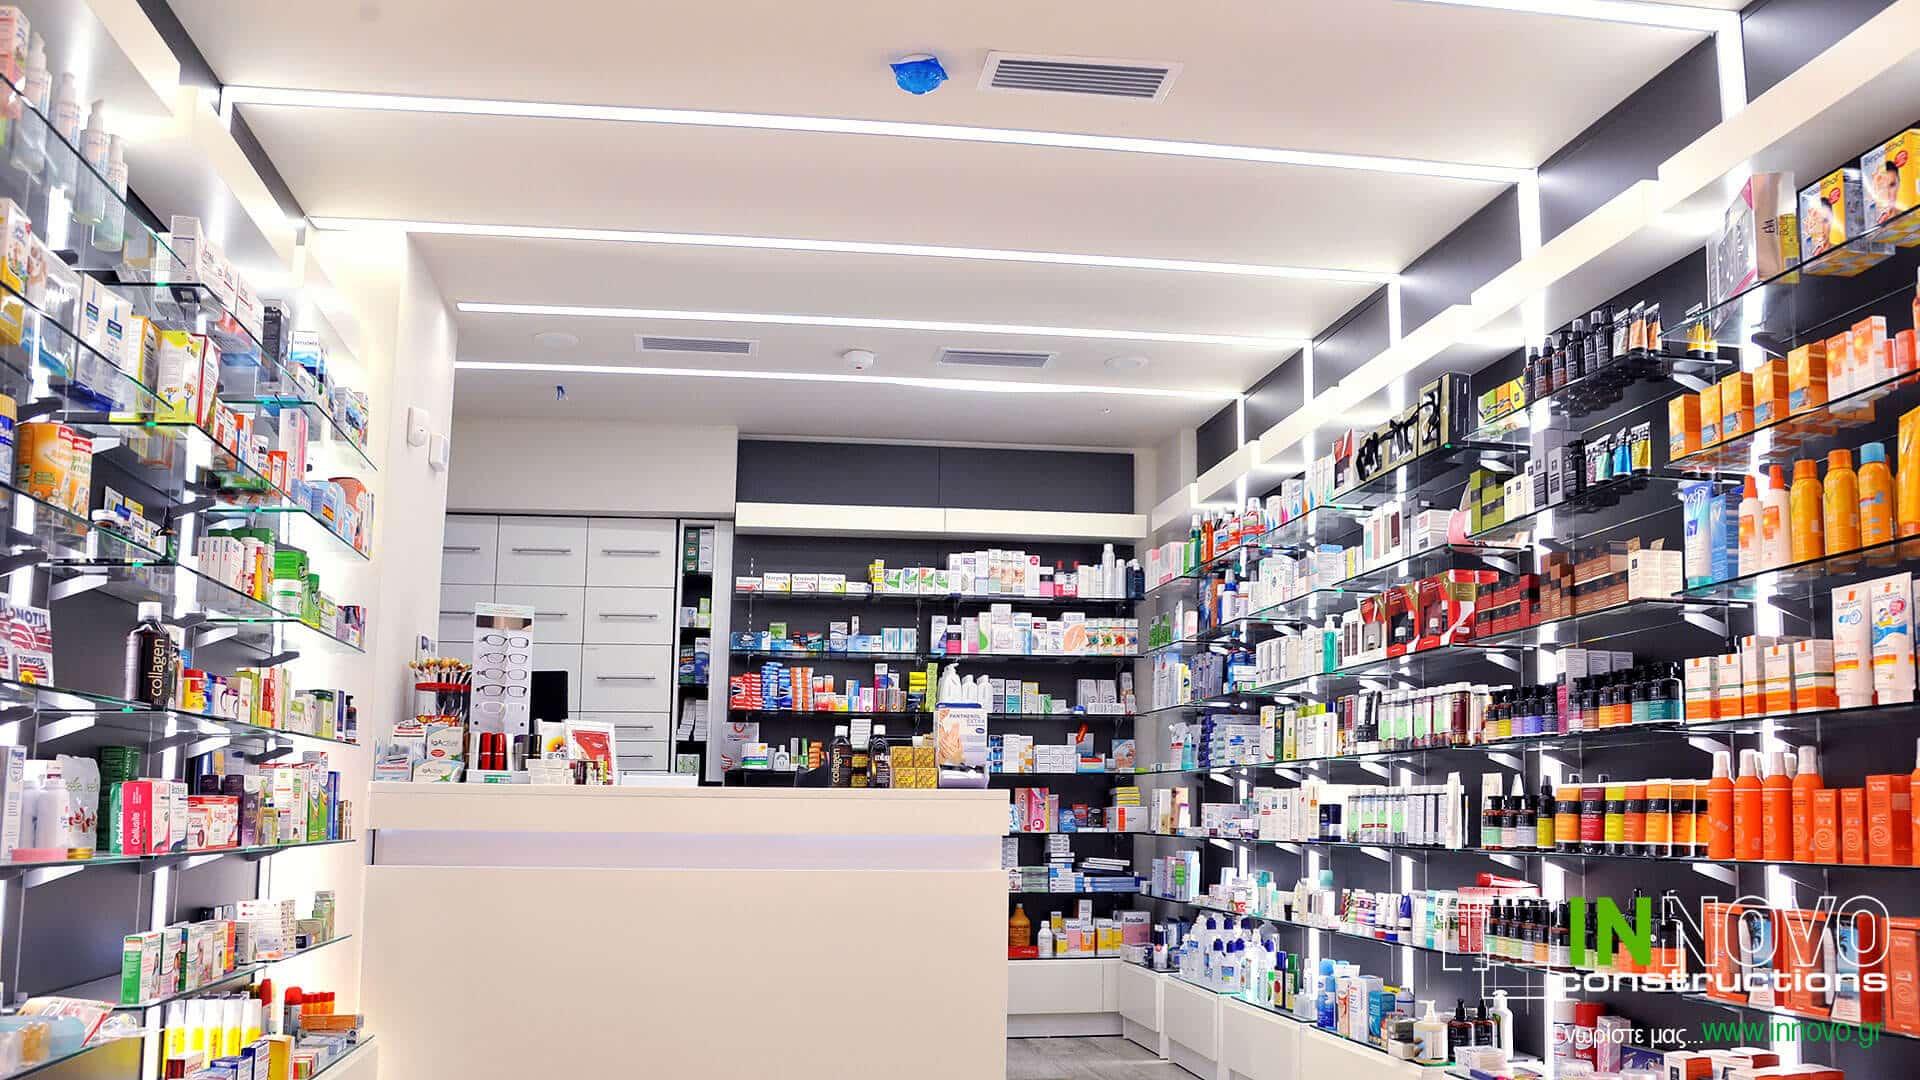 Σχεδιασμός φαρμακείου πλατεία Μαβίλης